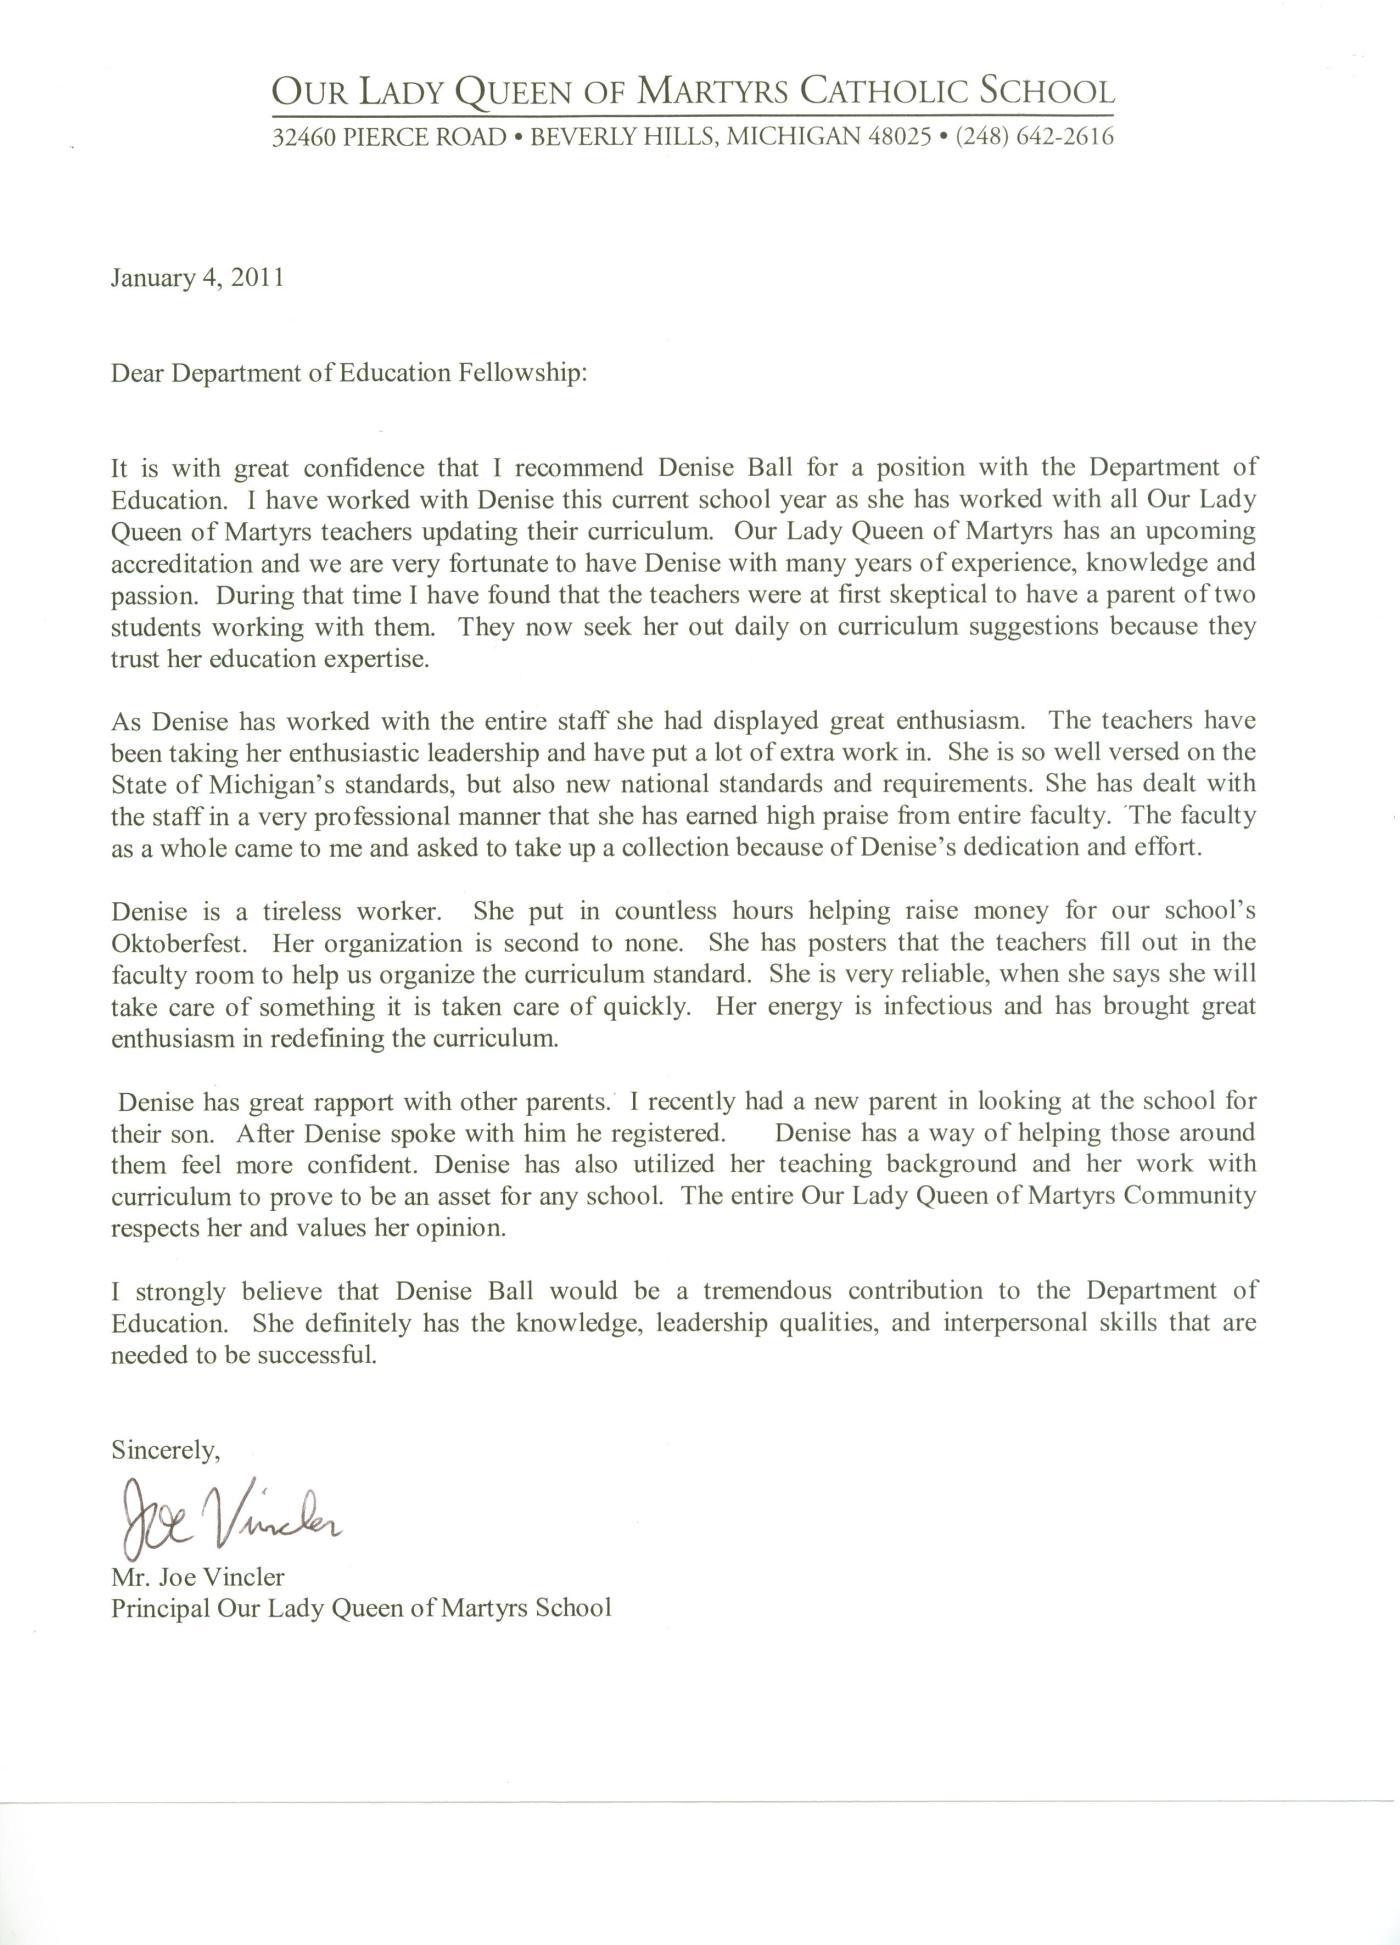 Letter of recommendation for denise ball unlocktheteacher mitanshu Images